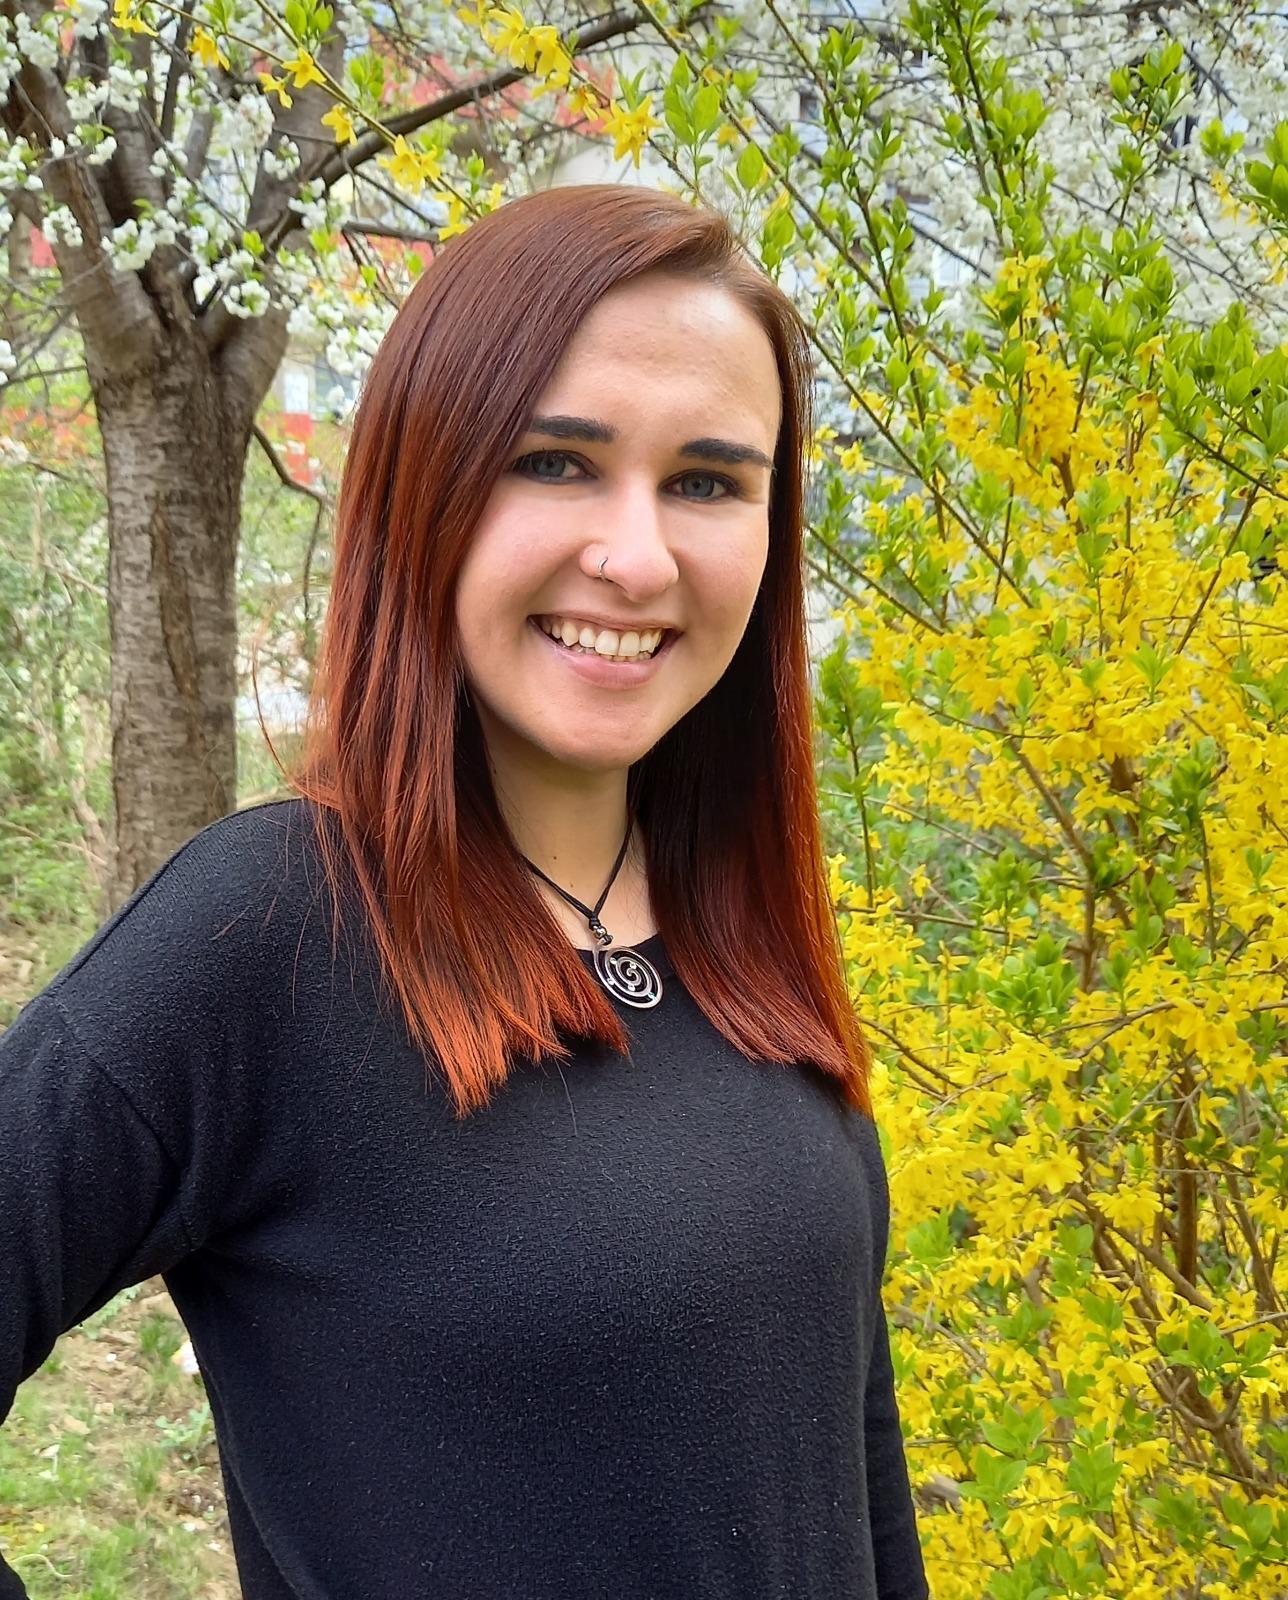 Christina Schaidreiter